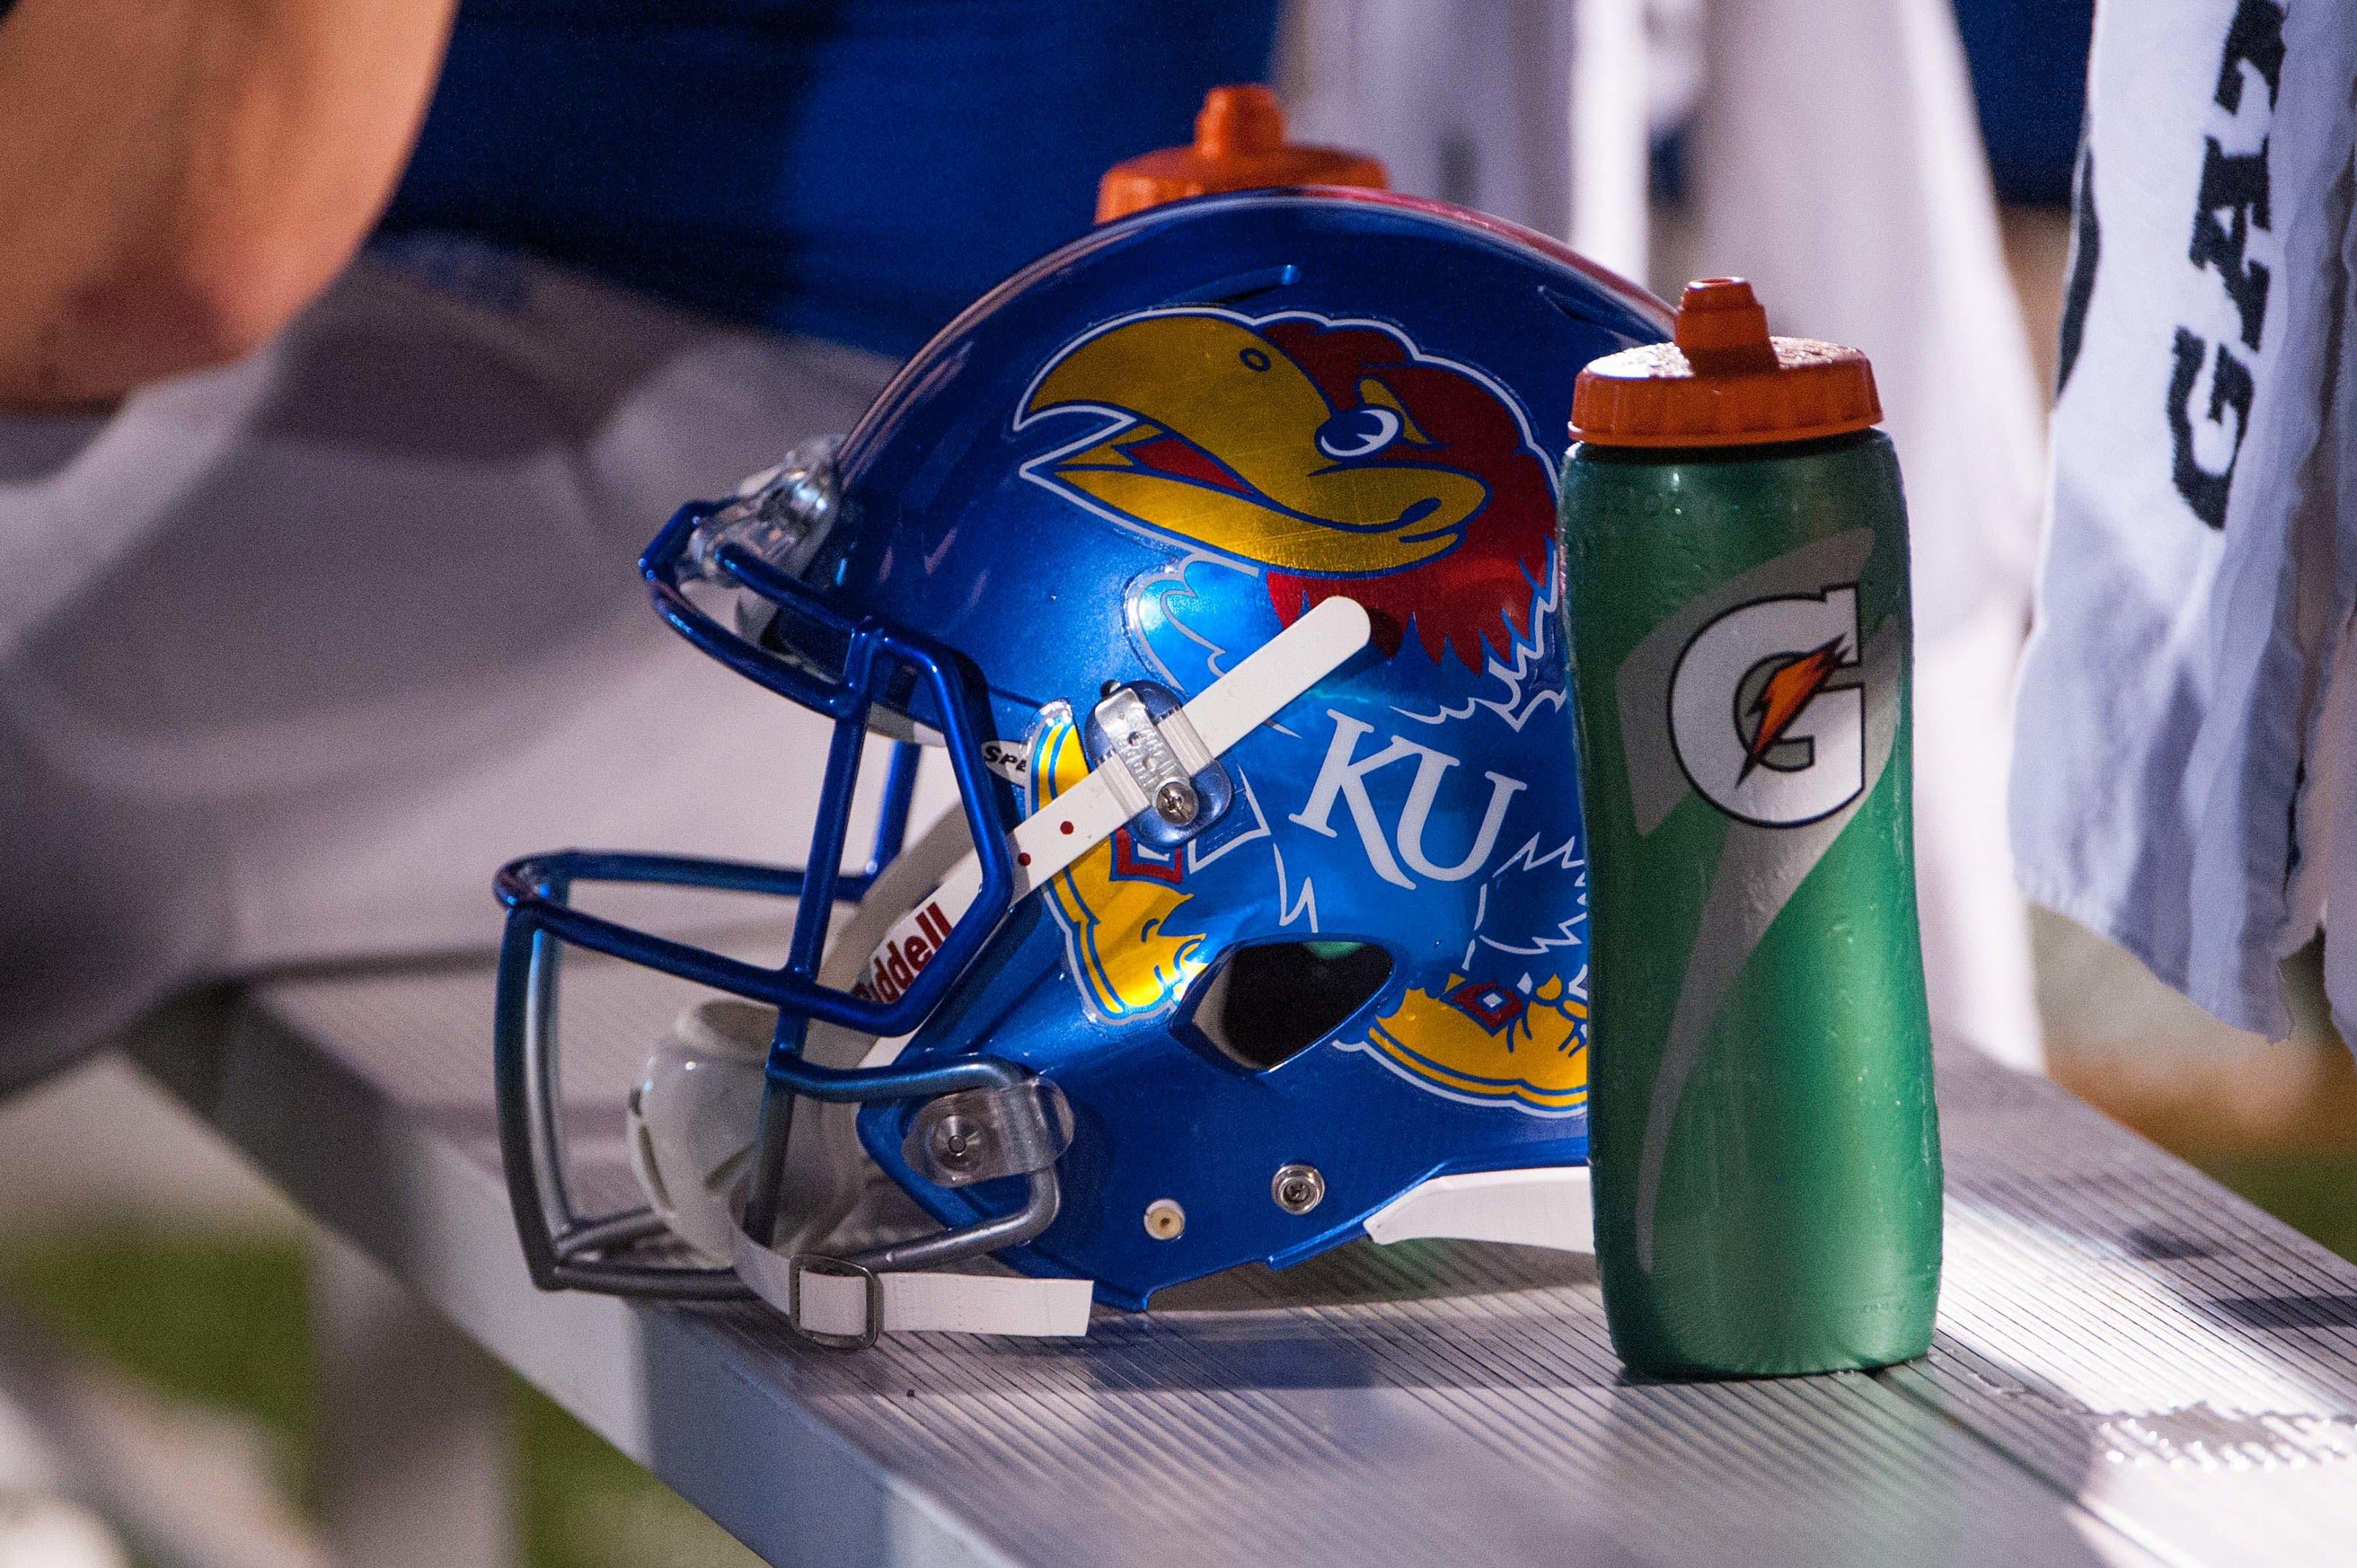 Kansas Jayhawks, Kansas football